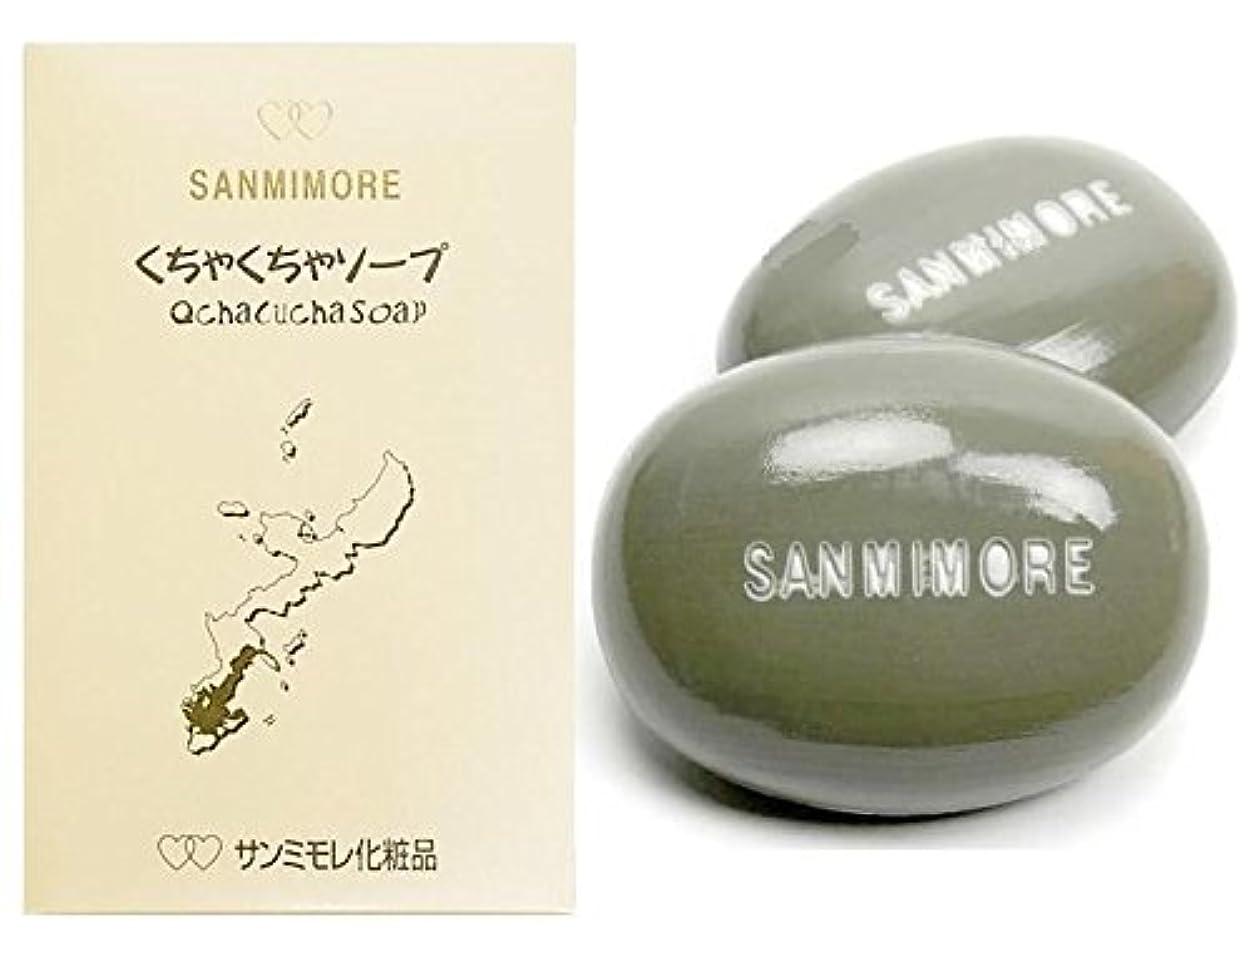 ペデスタルリゾート役割SANMIMORE(サンミモレ化粧品) くちゃくちゃソープ75g×2個 サンミモレ ベール専用石鹸